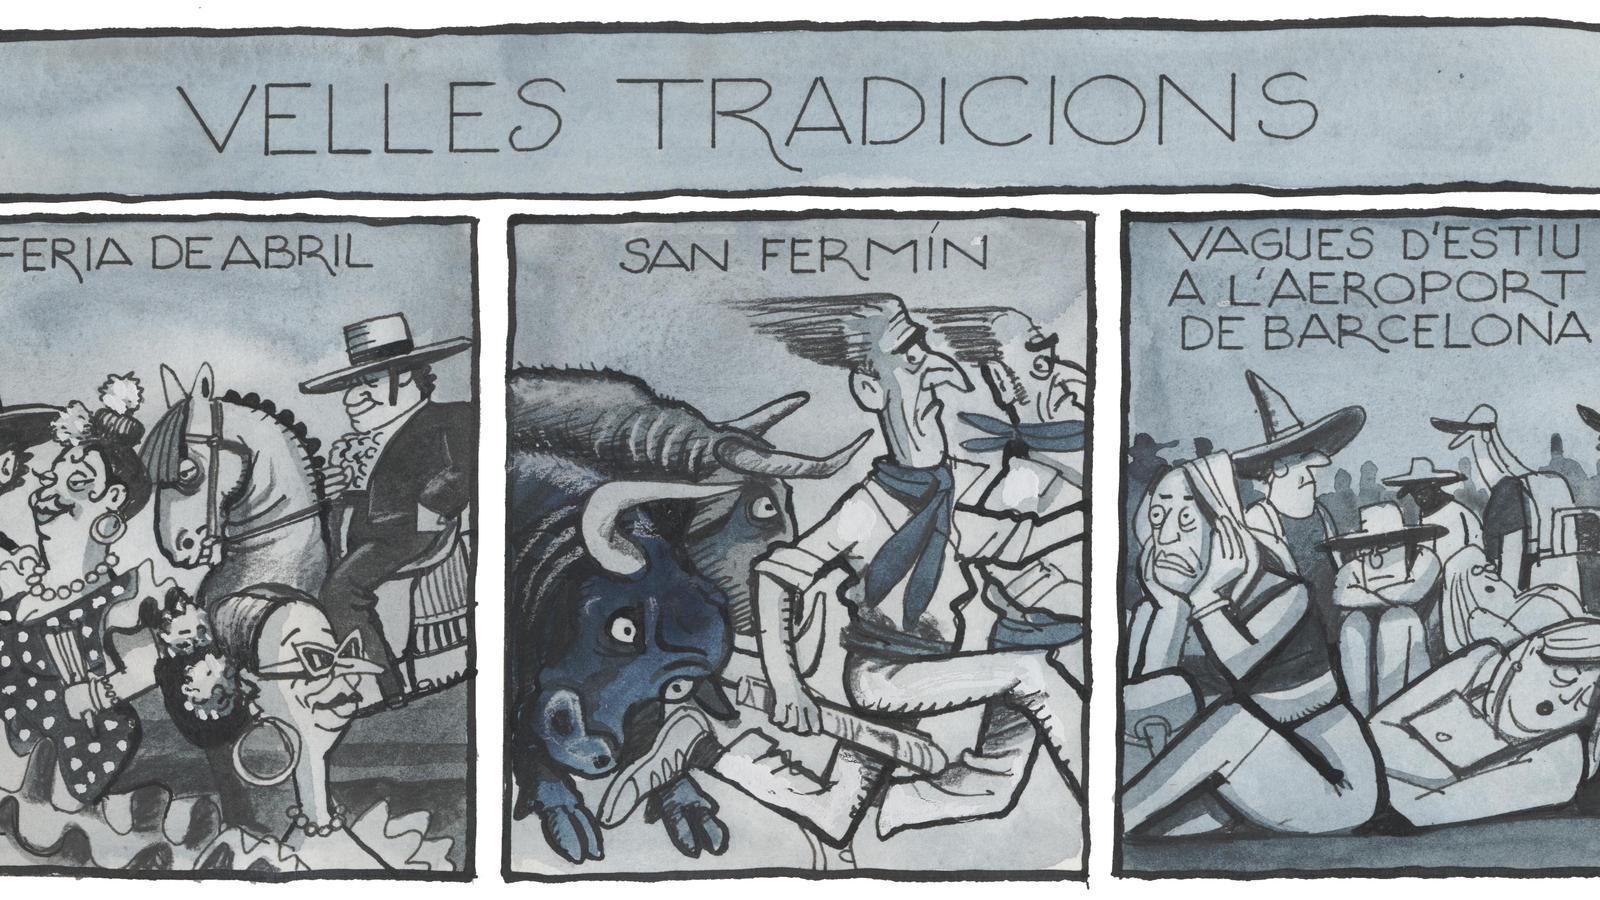 'A la contra', per Ferreres (04/08/2019)